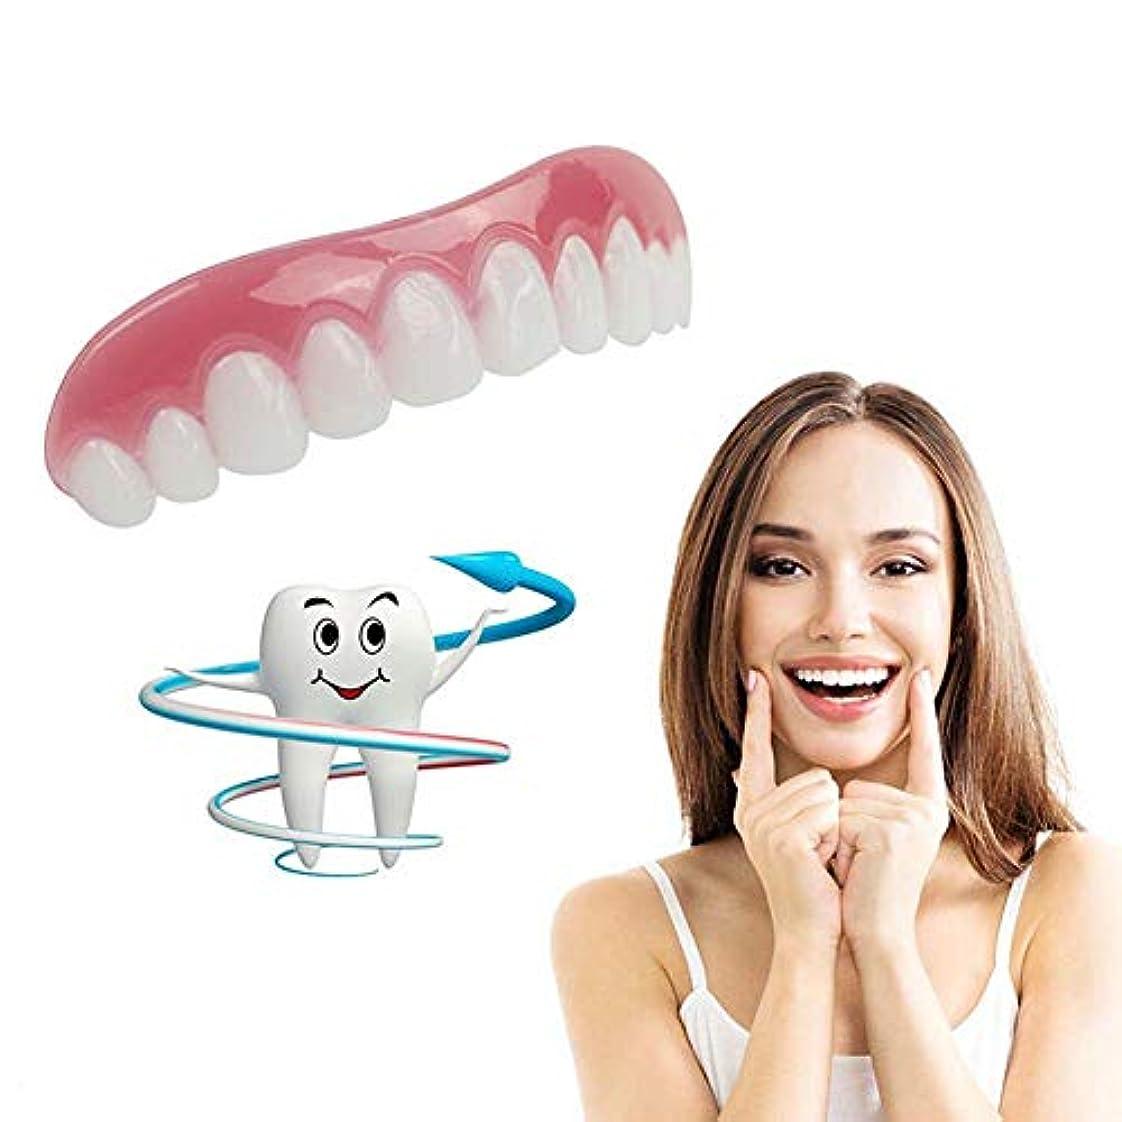 優雅な地雷原愛撫化粧品の歯、超快適、快適なフィット感、白い歯をきれいにするための快適なフィットフレックス歯ソケット、快適なフィット感、3セット